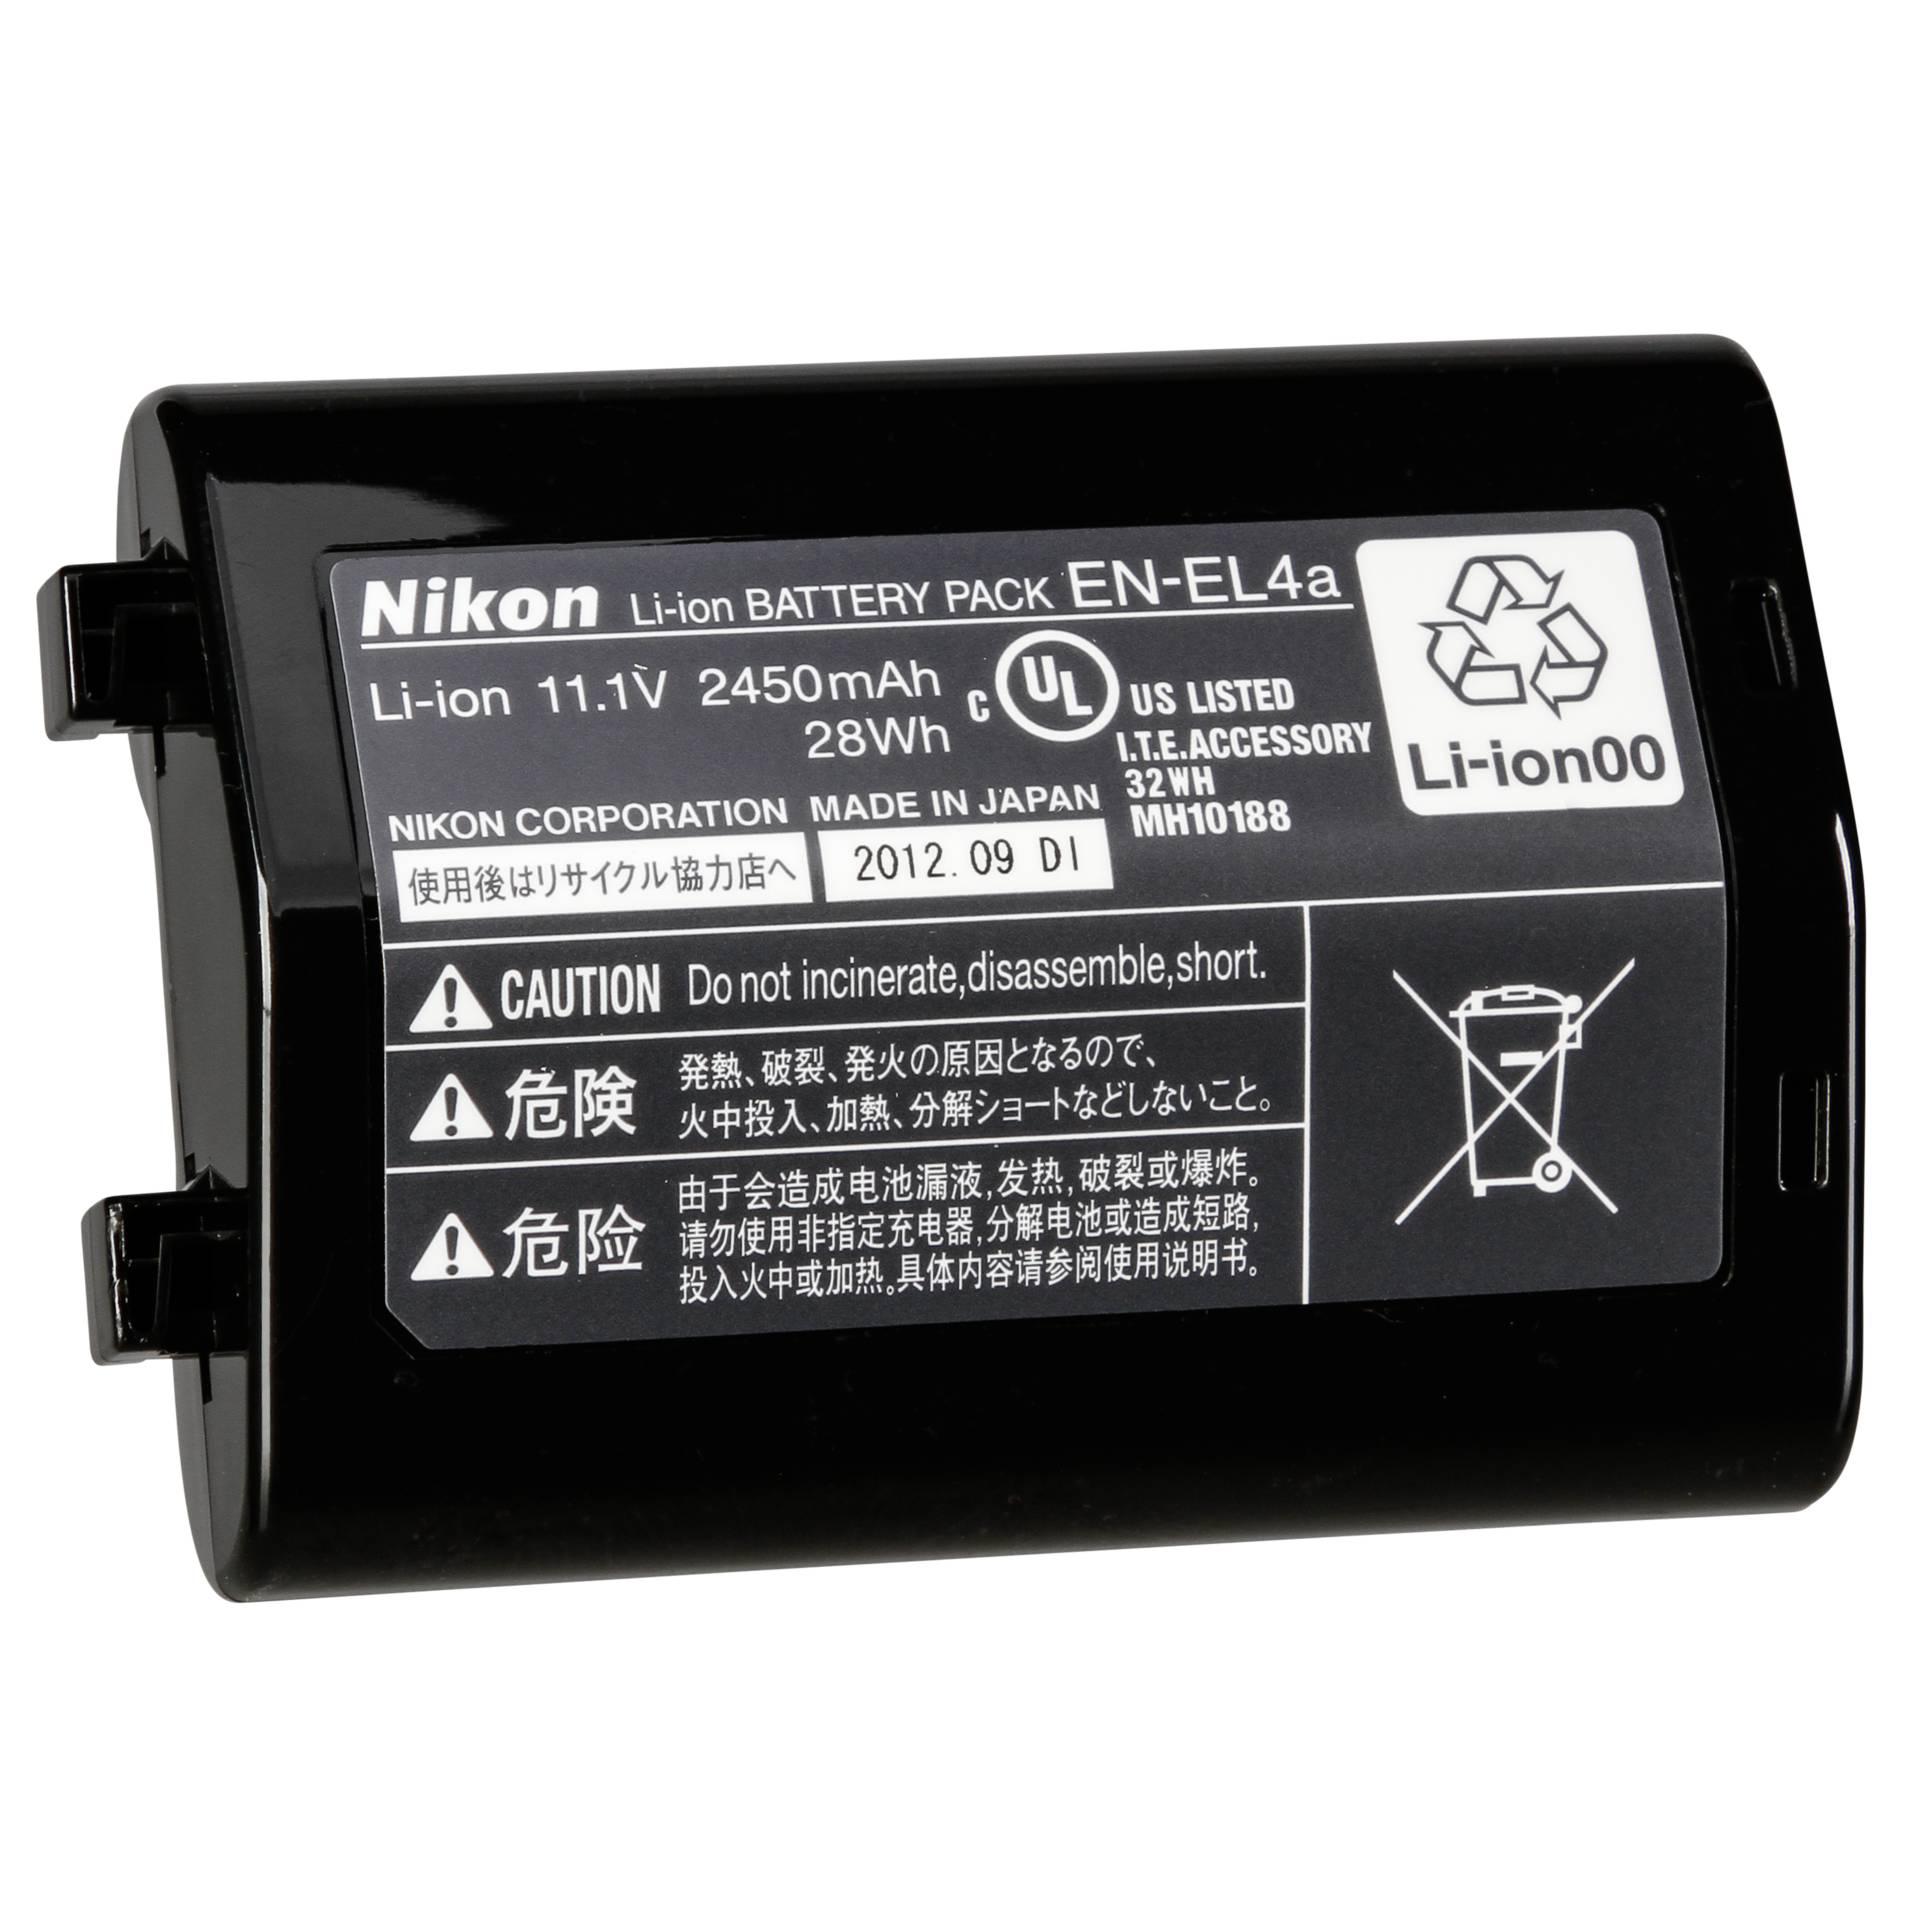 Nikon EN-EL4a Lithium-Ionen Akku